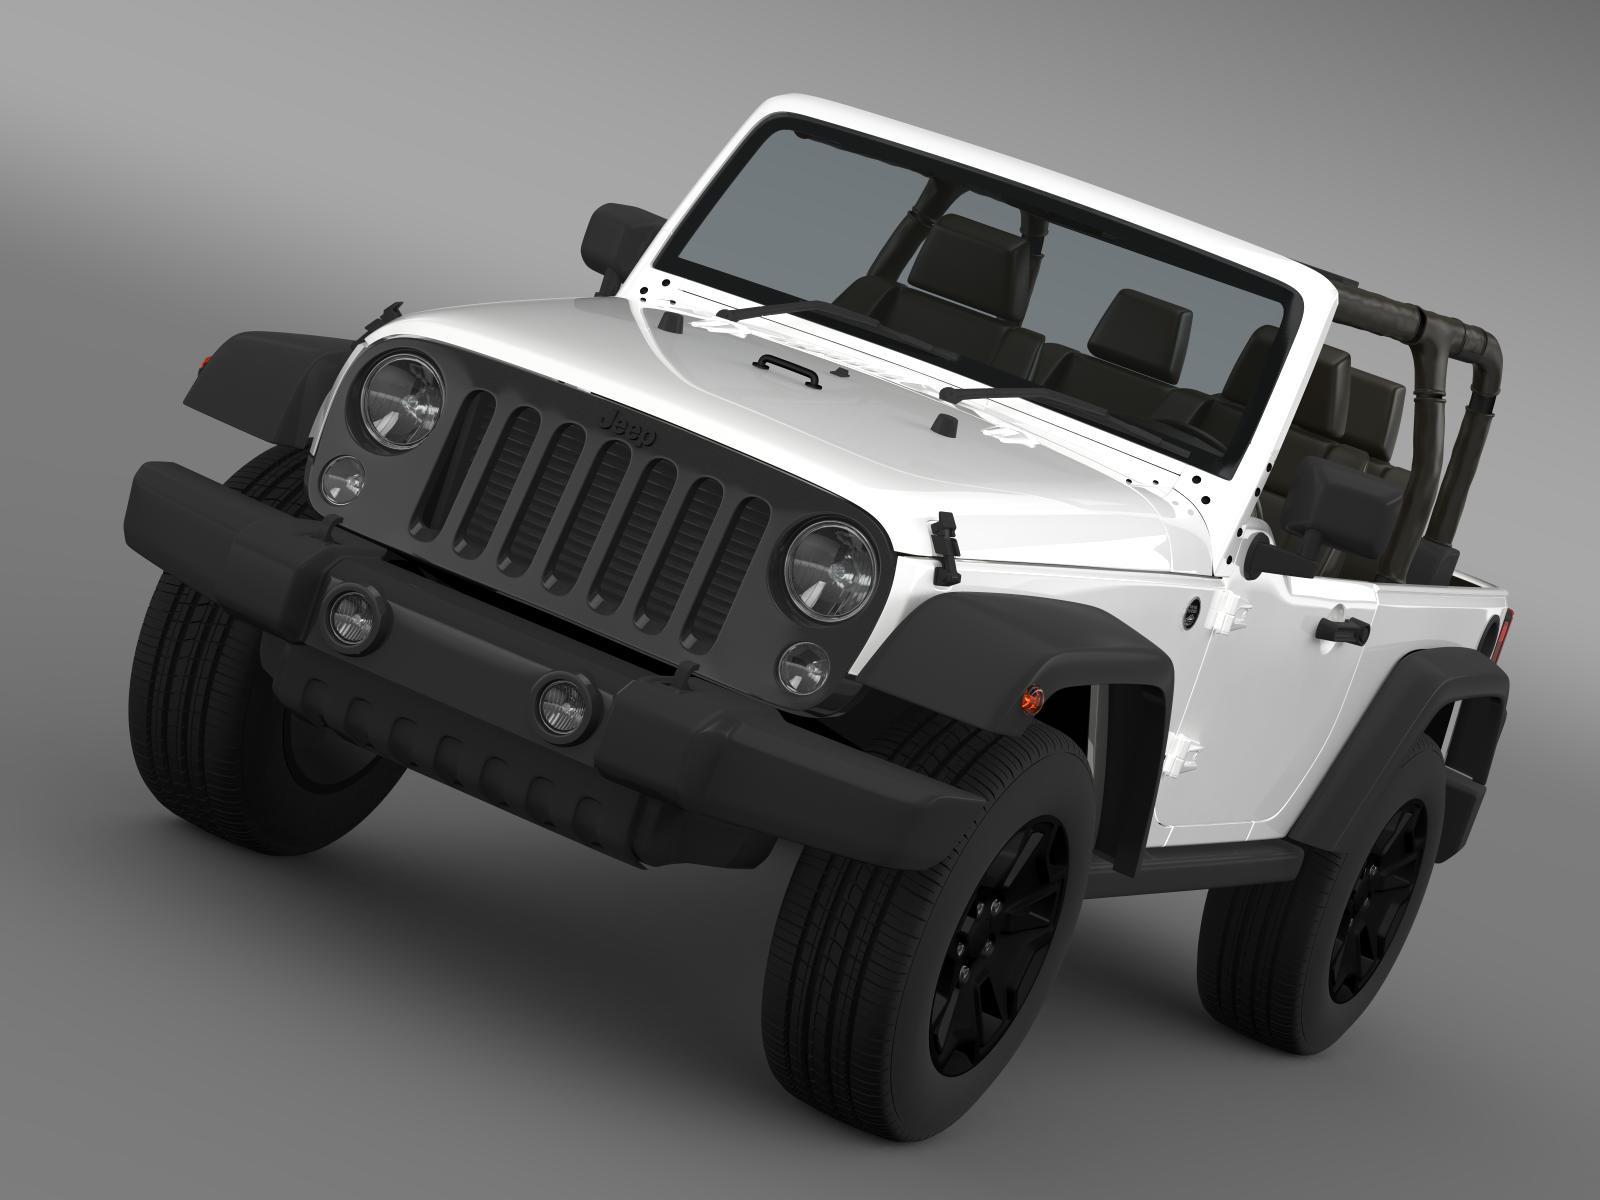 jeep wrangler willys 2014 3d model 3ds max fbx c4d lwo ma mb hrc xsi obj 162517